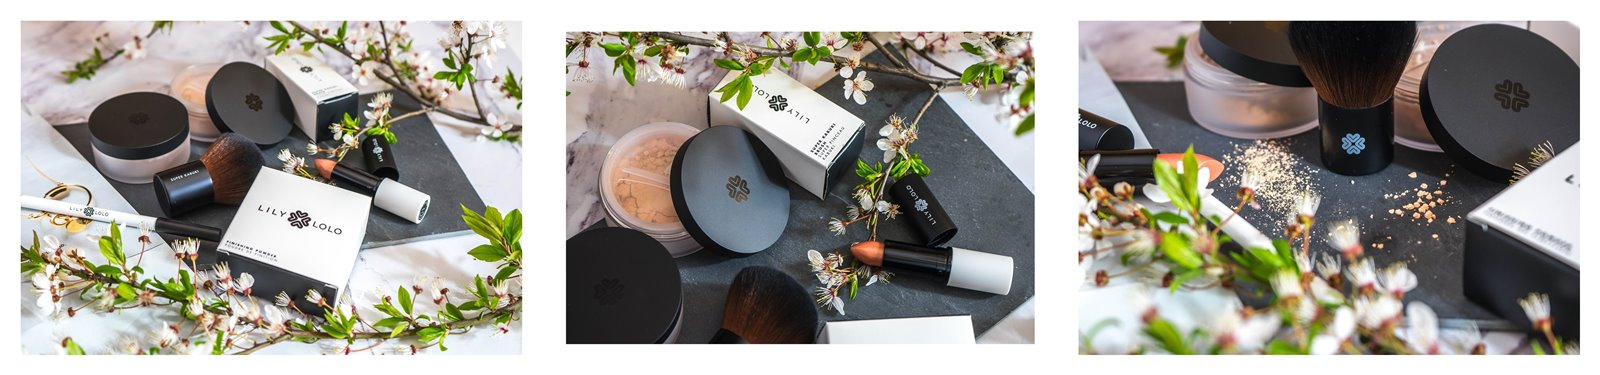 5a jak nakładać kosmetyki mineralne lily lolo opinia recenzja jak stosować puder matujący pędzel super kabuki cena blog szminka naturalne kosmetyki dla wegan puder mineralny podkład kredka do oczu szminka